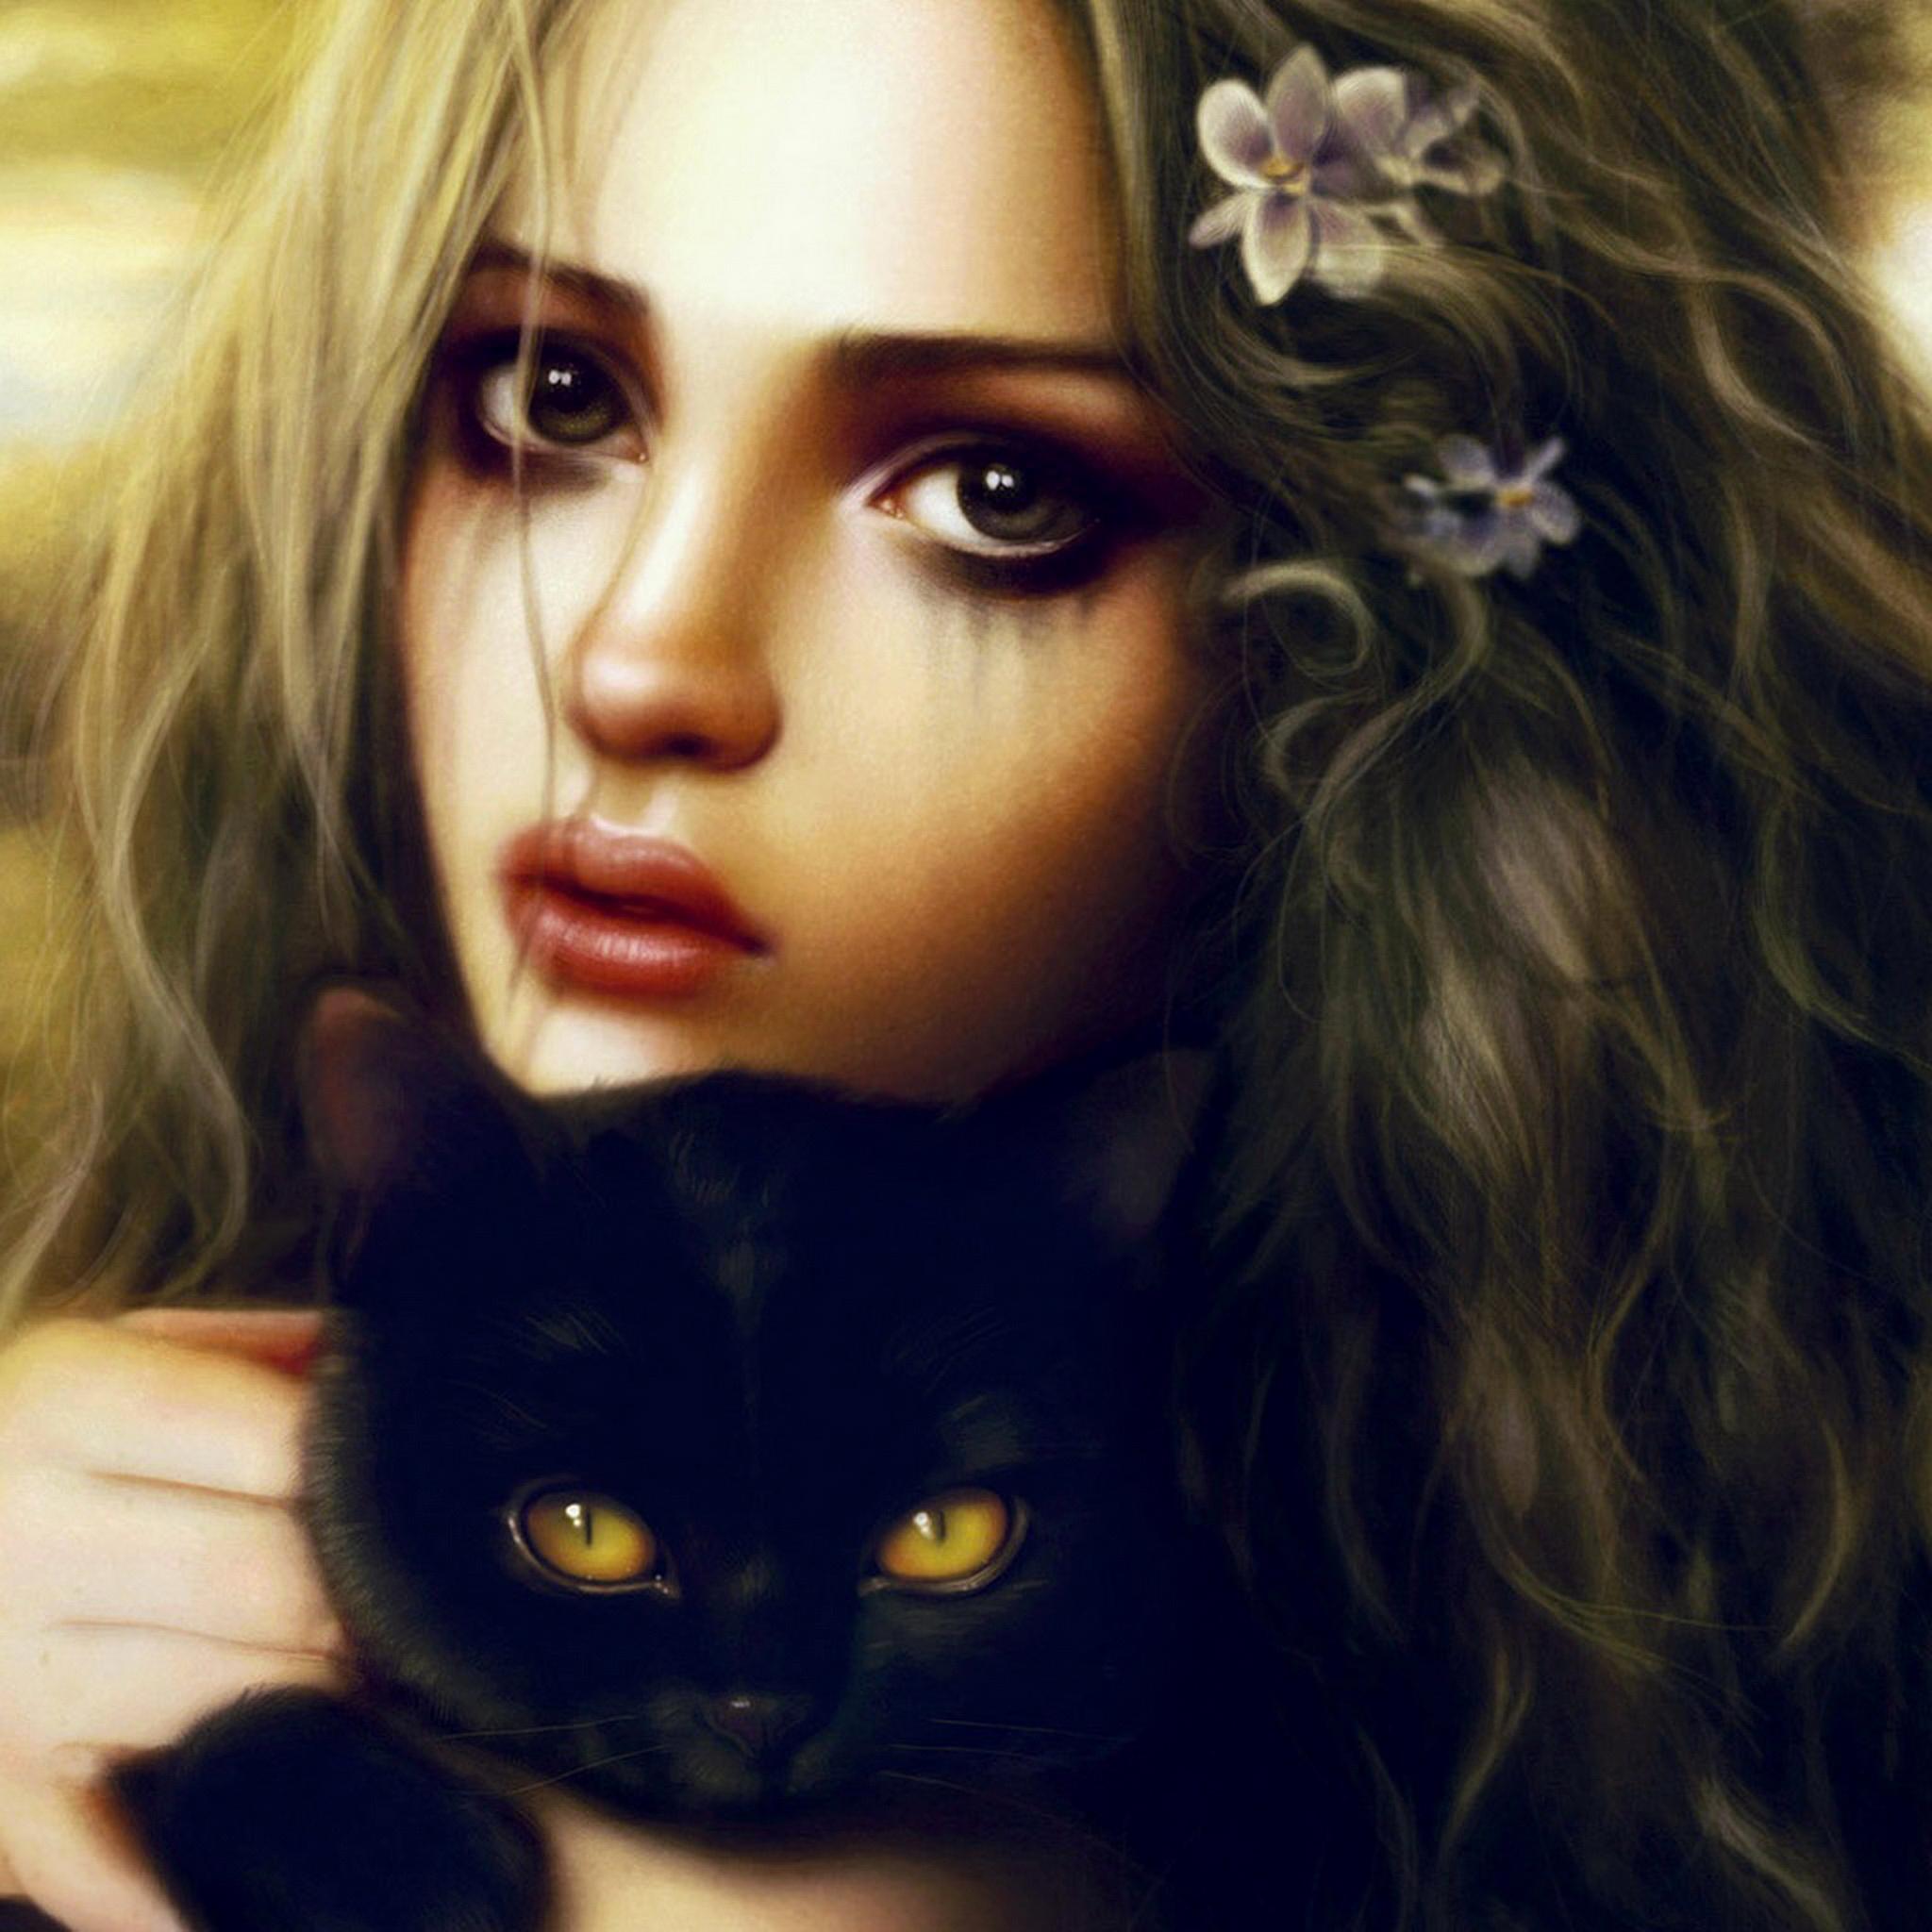 Girl-ans-Cat-3Wallpapers-ipad-Retina